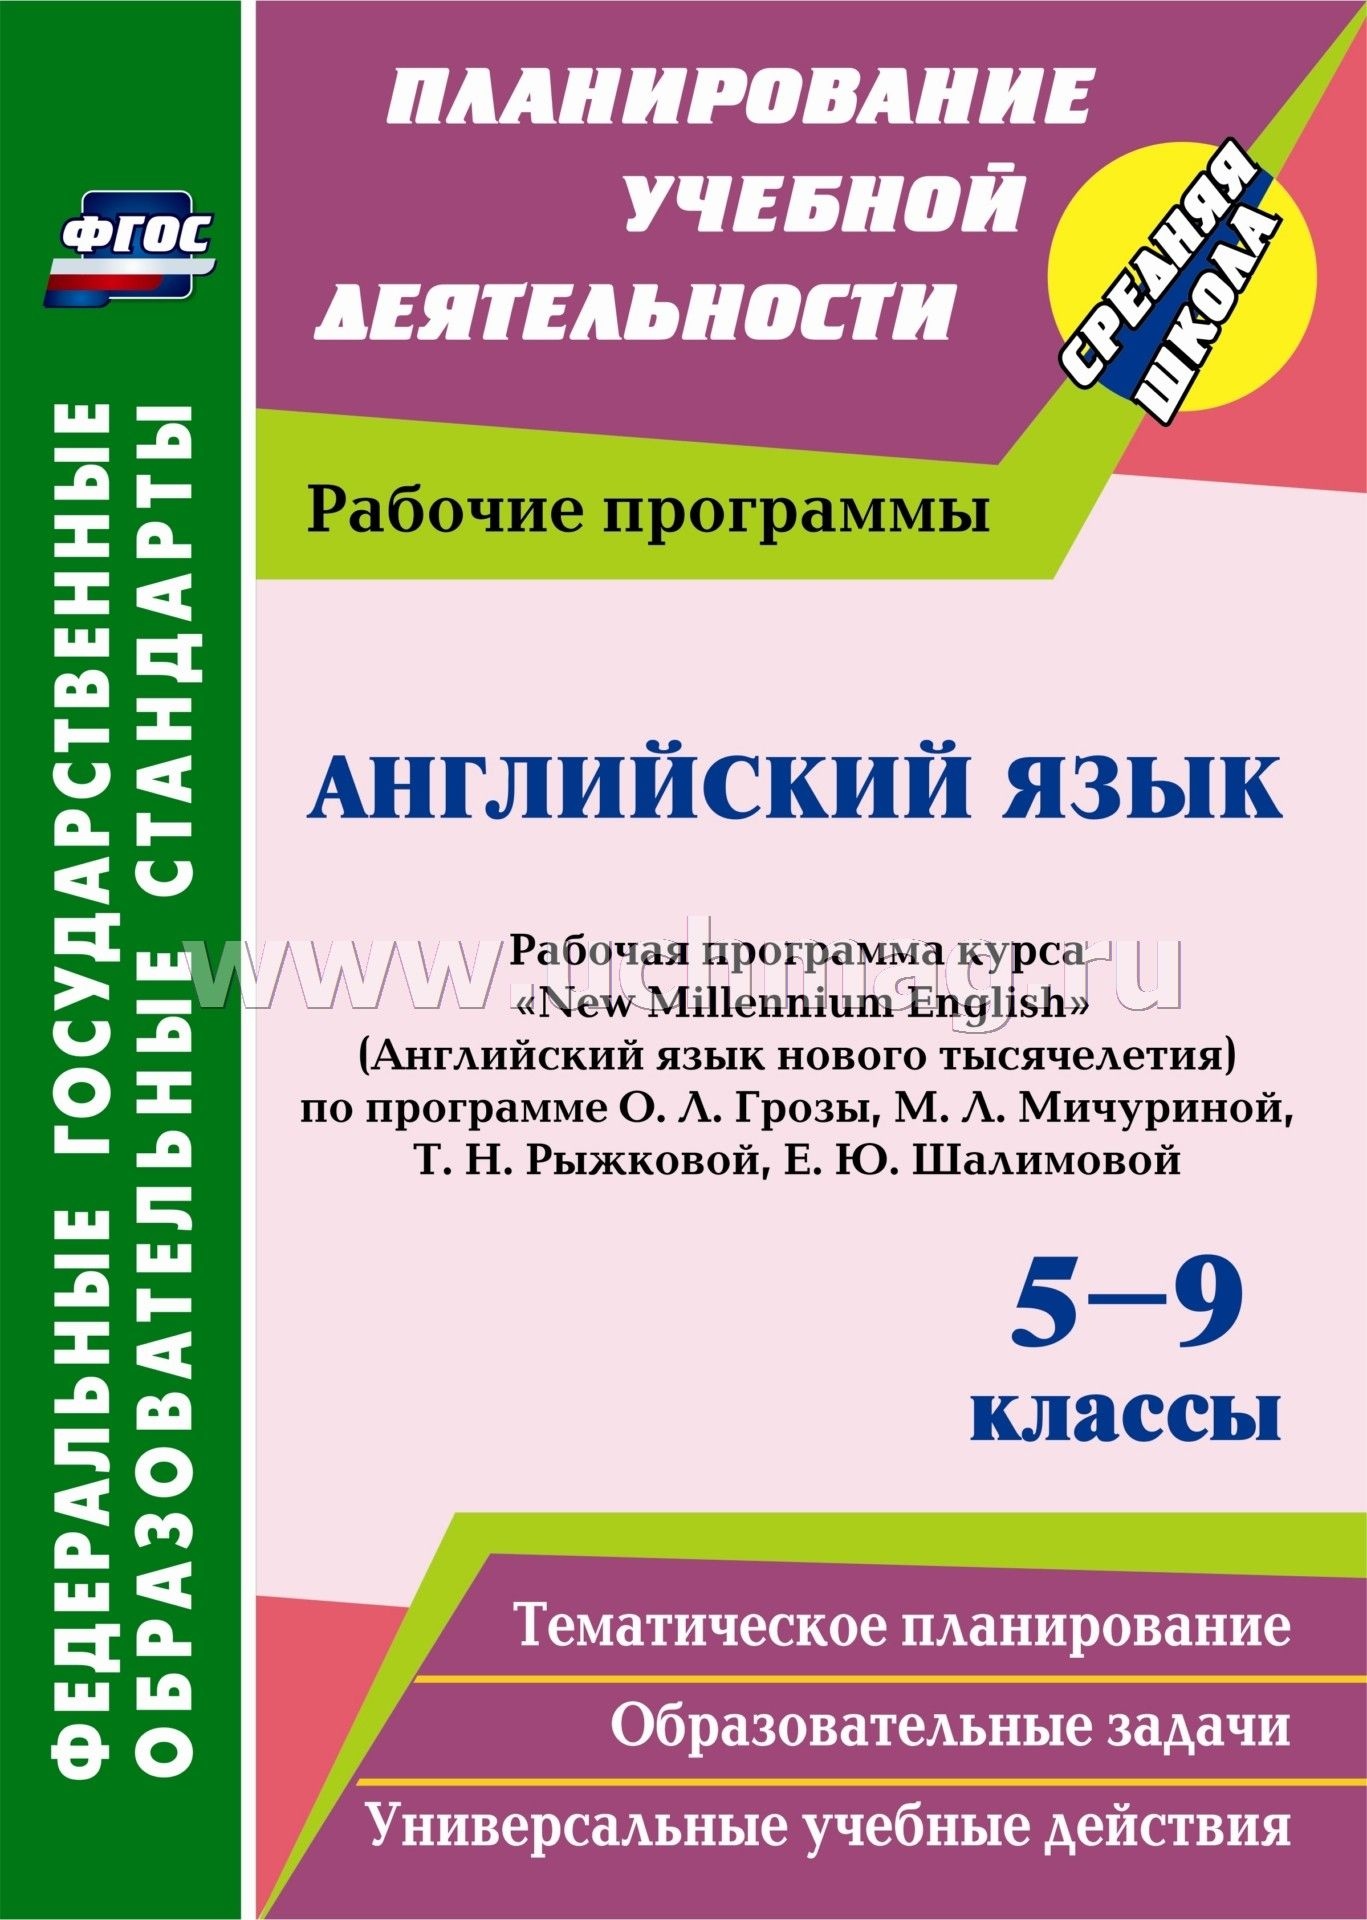 Требования к рабочей программе фгос русский язык 5-9 класс